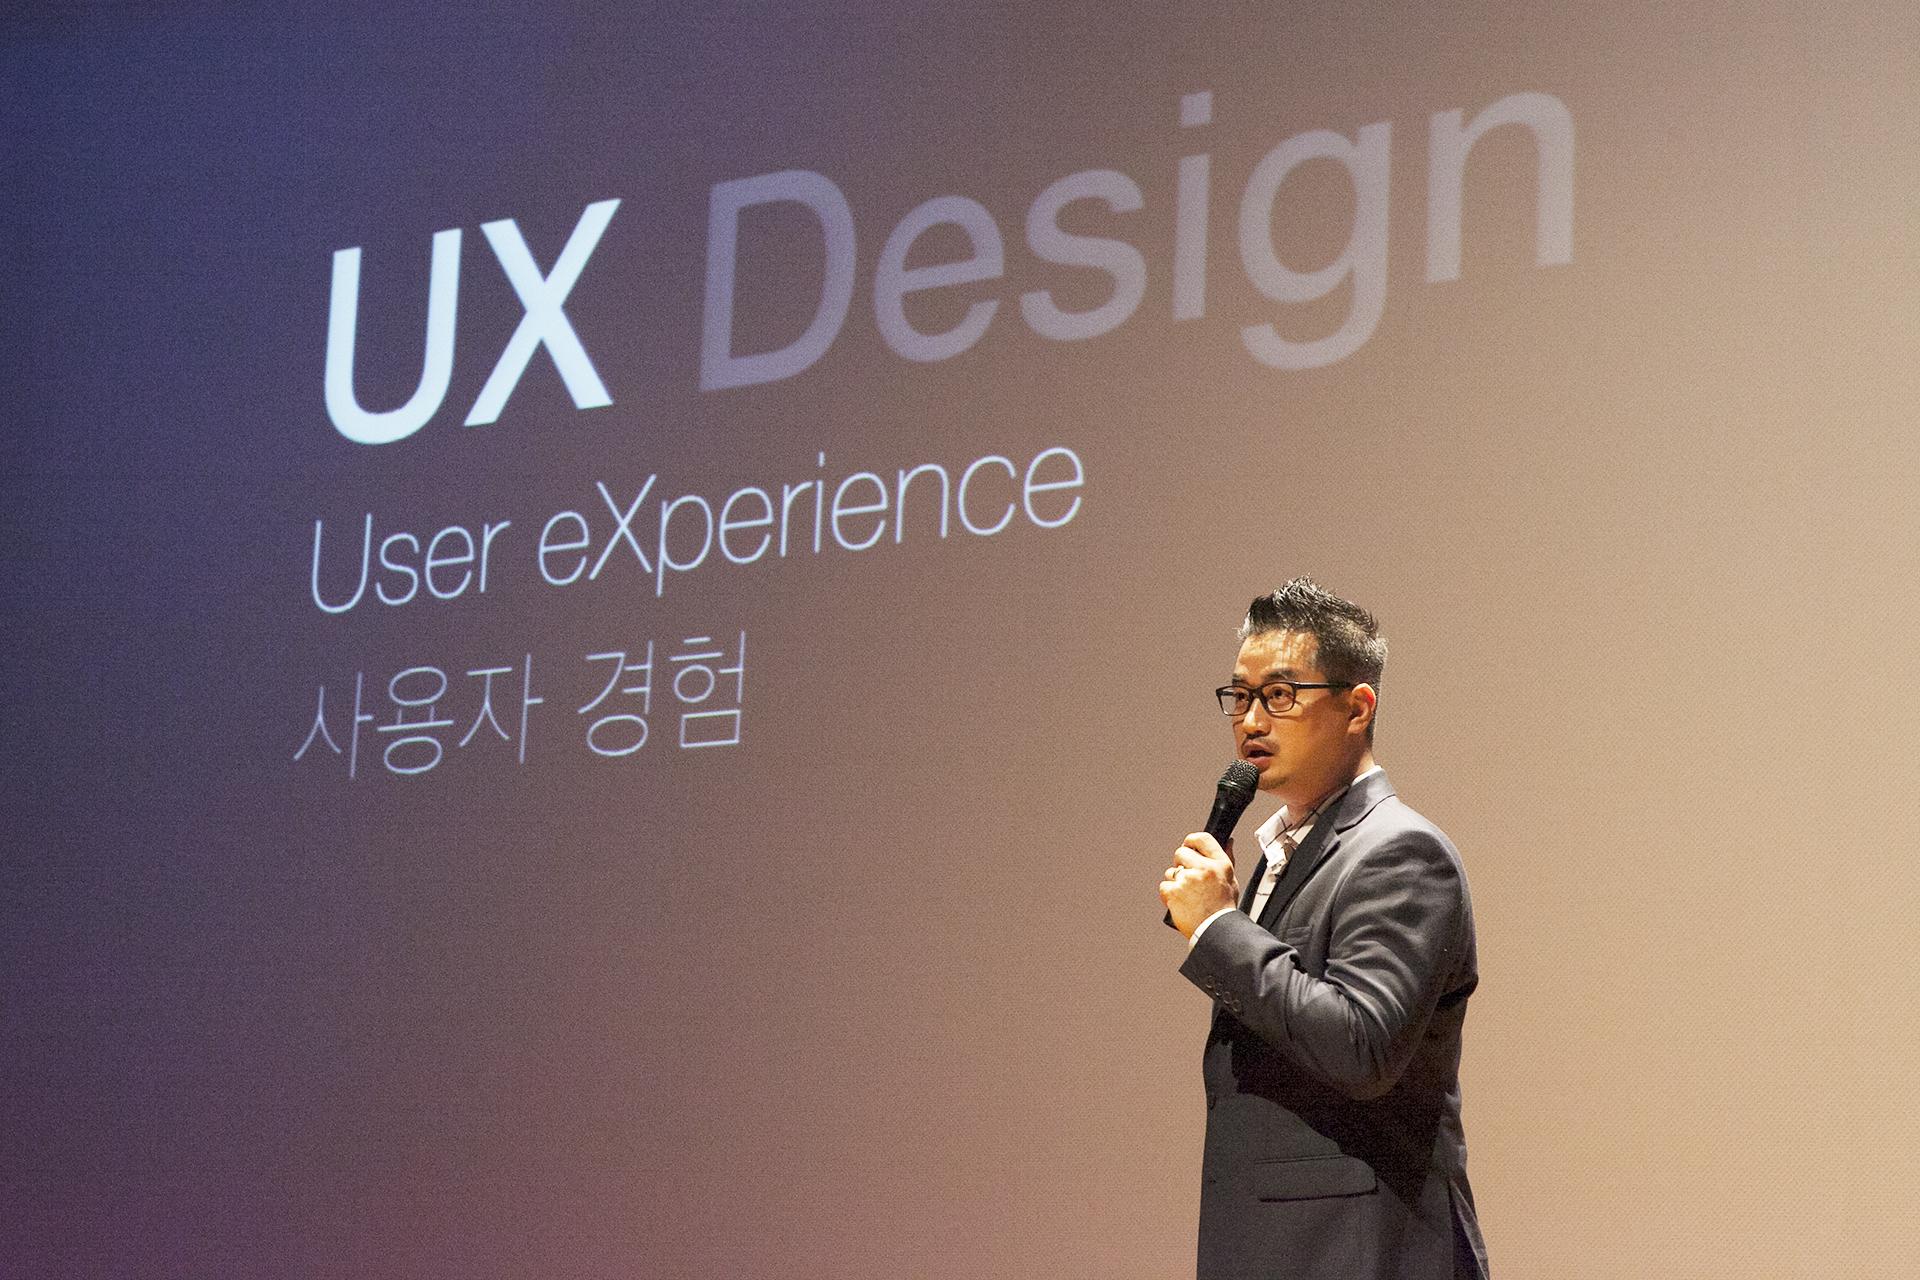 2016년 10월 1일, 서강대에서 열린 TEDx 행사에서 'UX 디자인, 보이지 않는 사용자 경험을 디자인하다'를 주제로 앱스디자인 이종원 대표의 강연이 있었습니다.